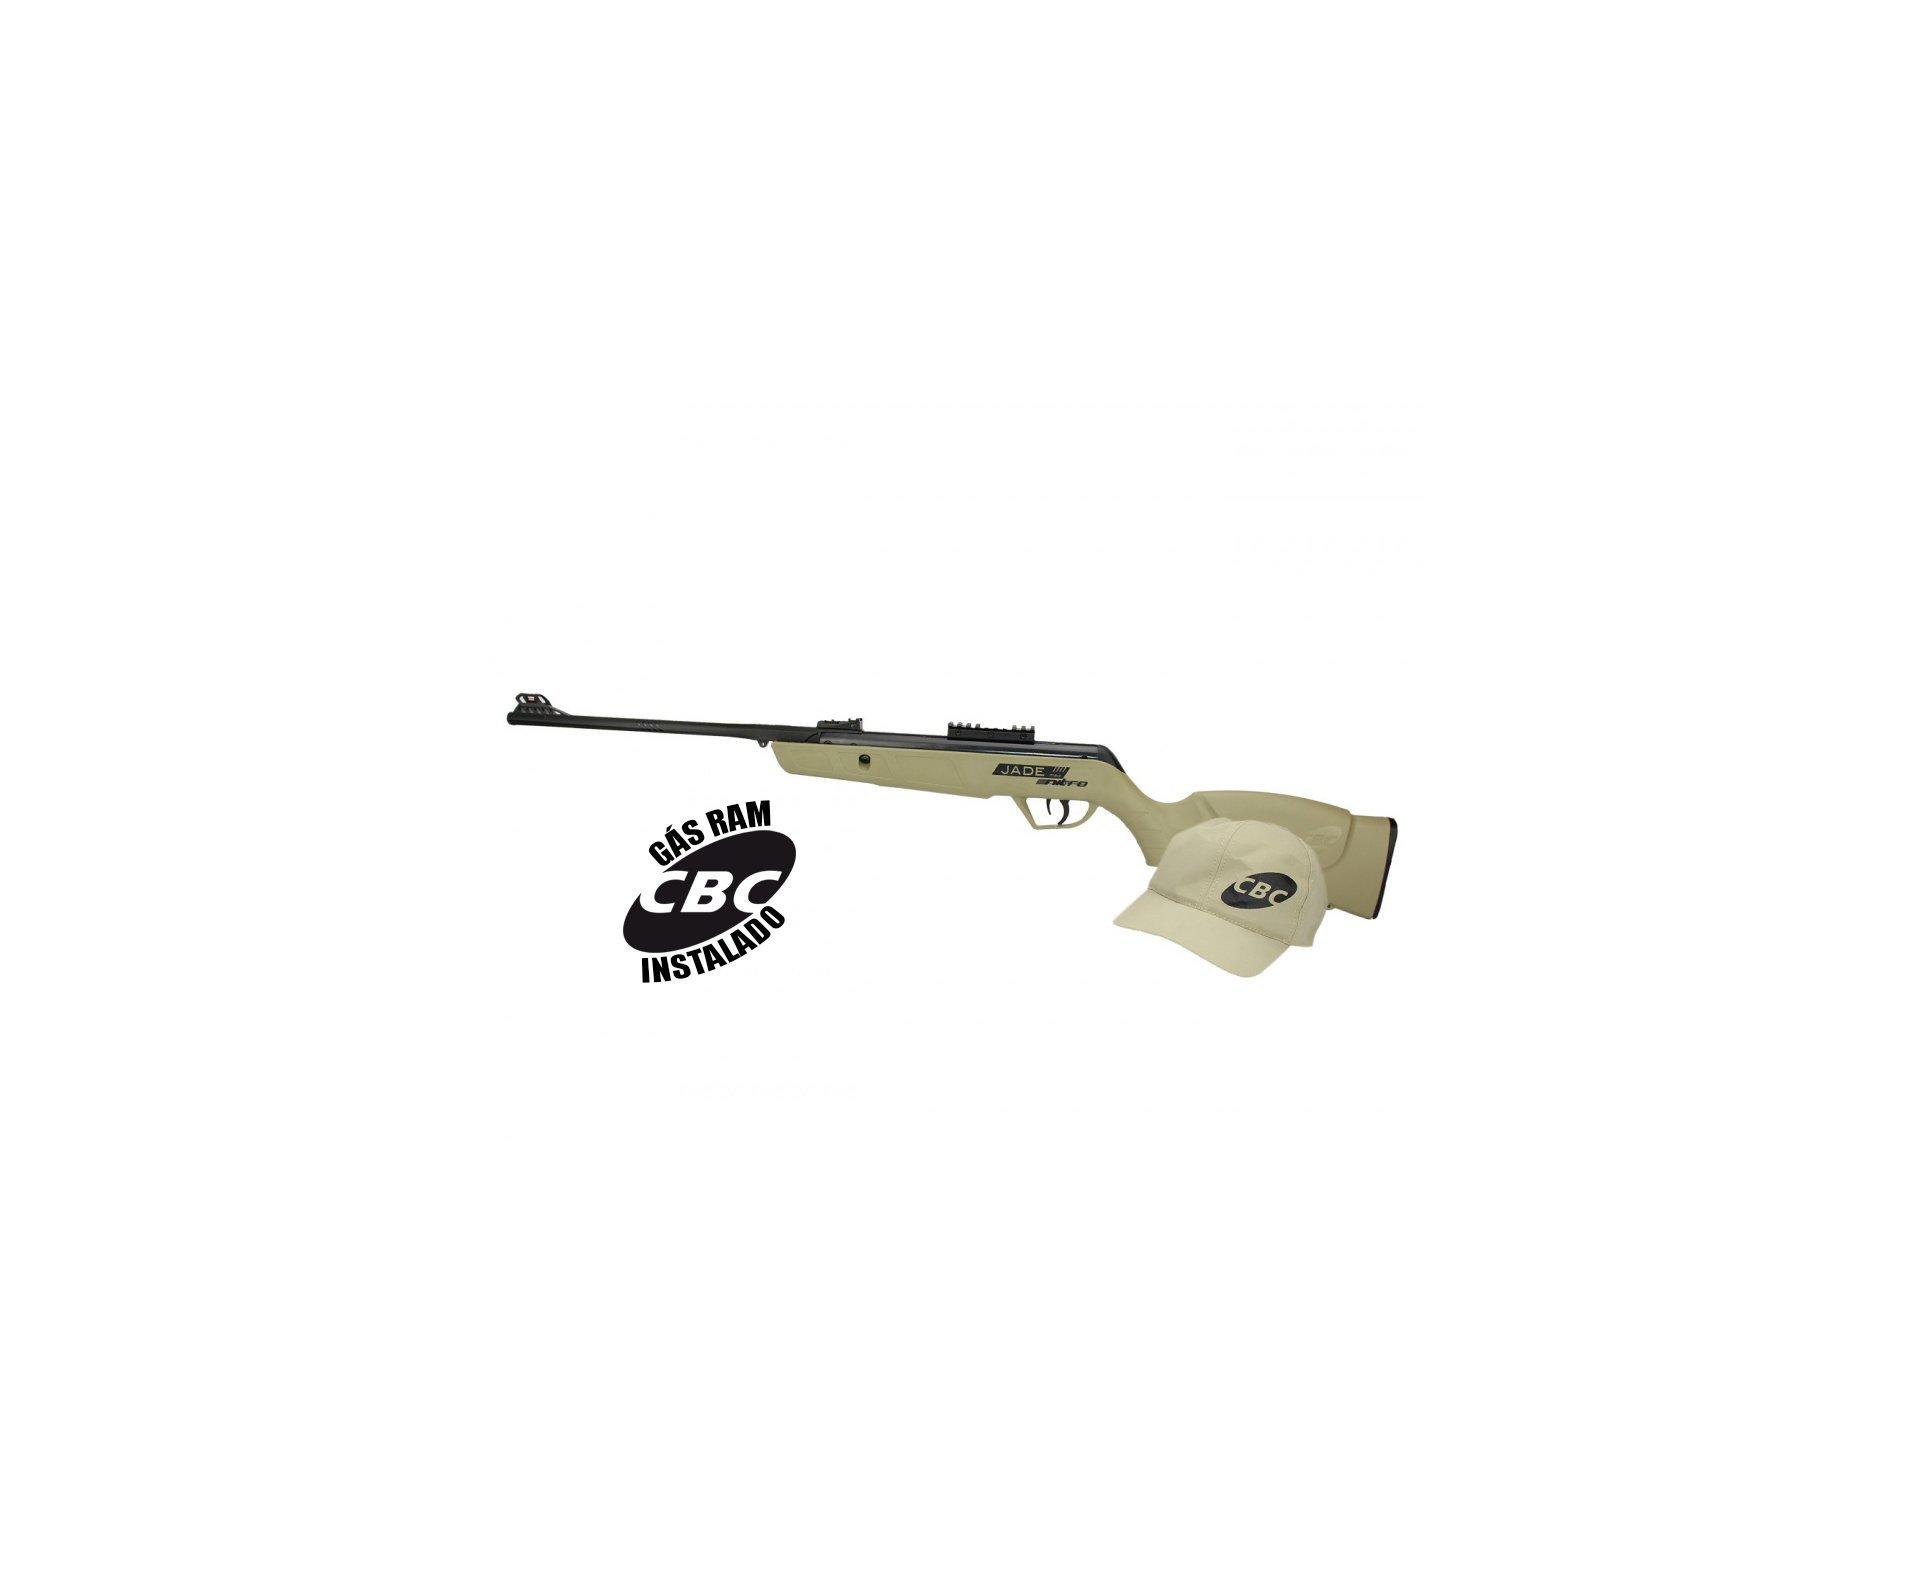 Carabina De Pressão Cbc Jade Mais Nitro Tan Cal 4,5mm